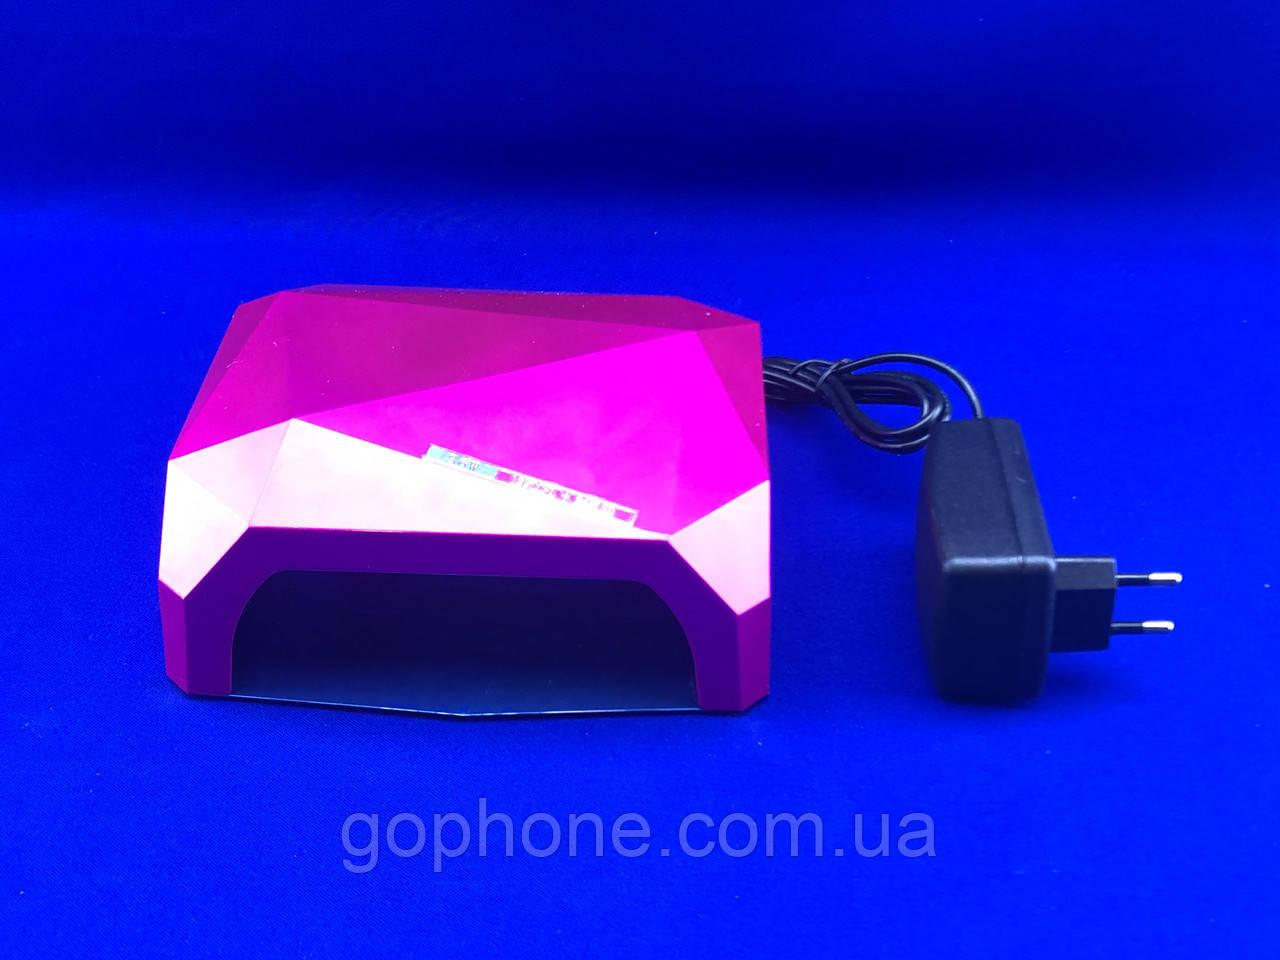 Гібридна лампа для нігтів DIAMOND 36W (CCFL+LED)